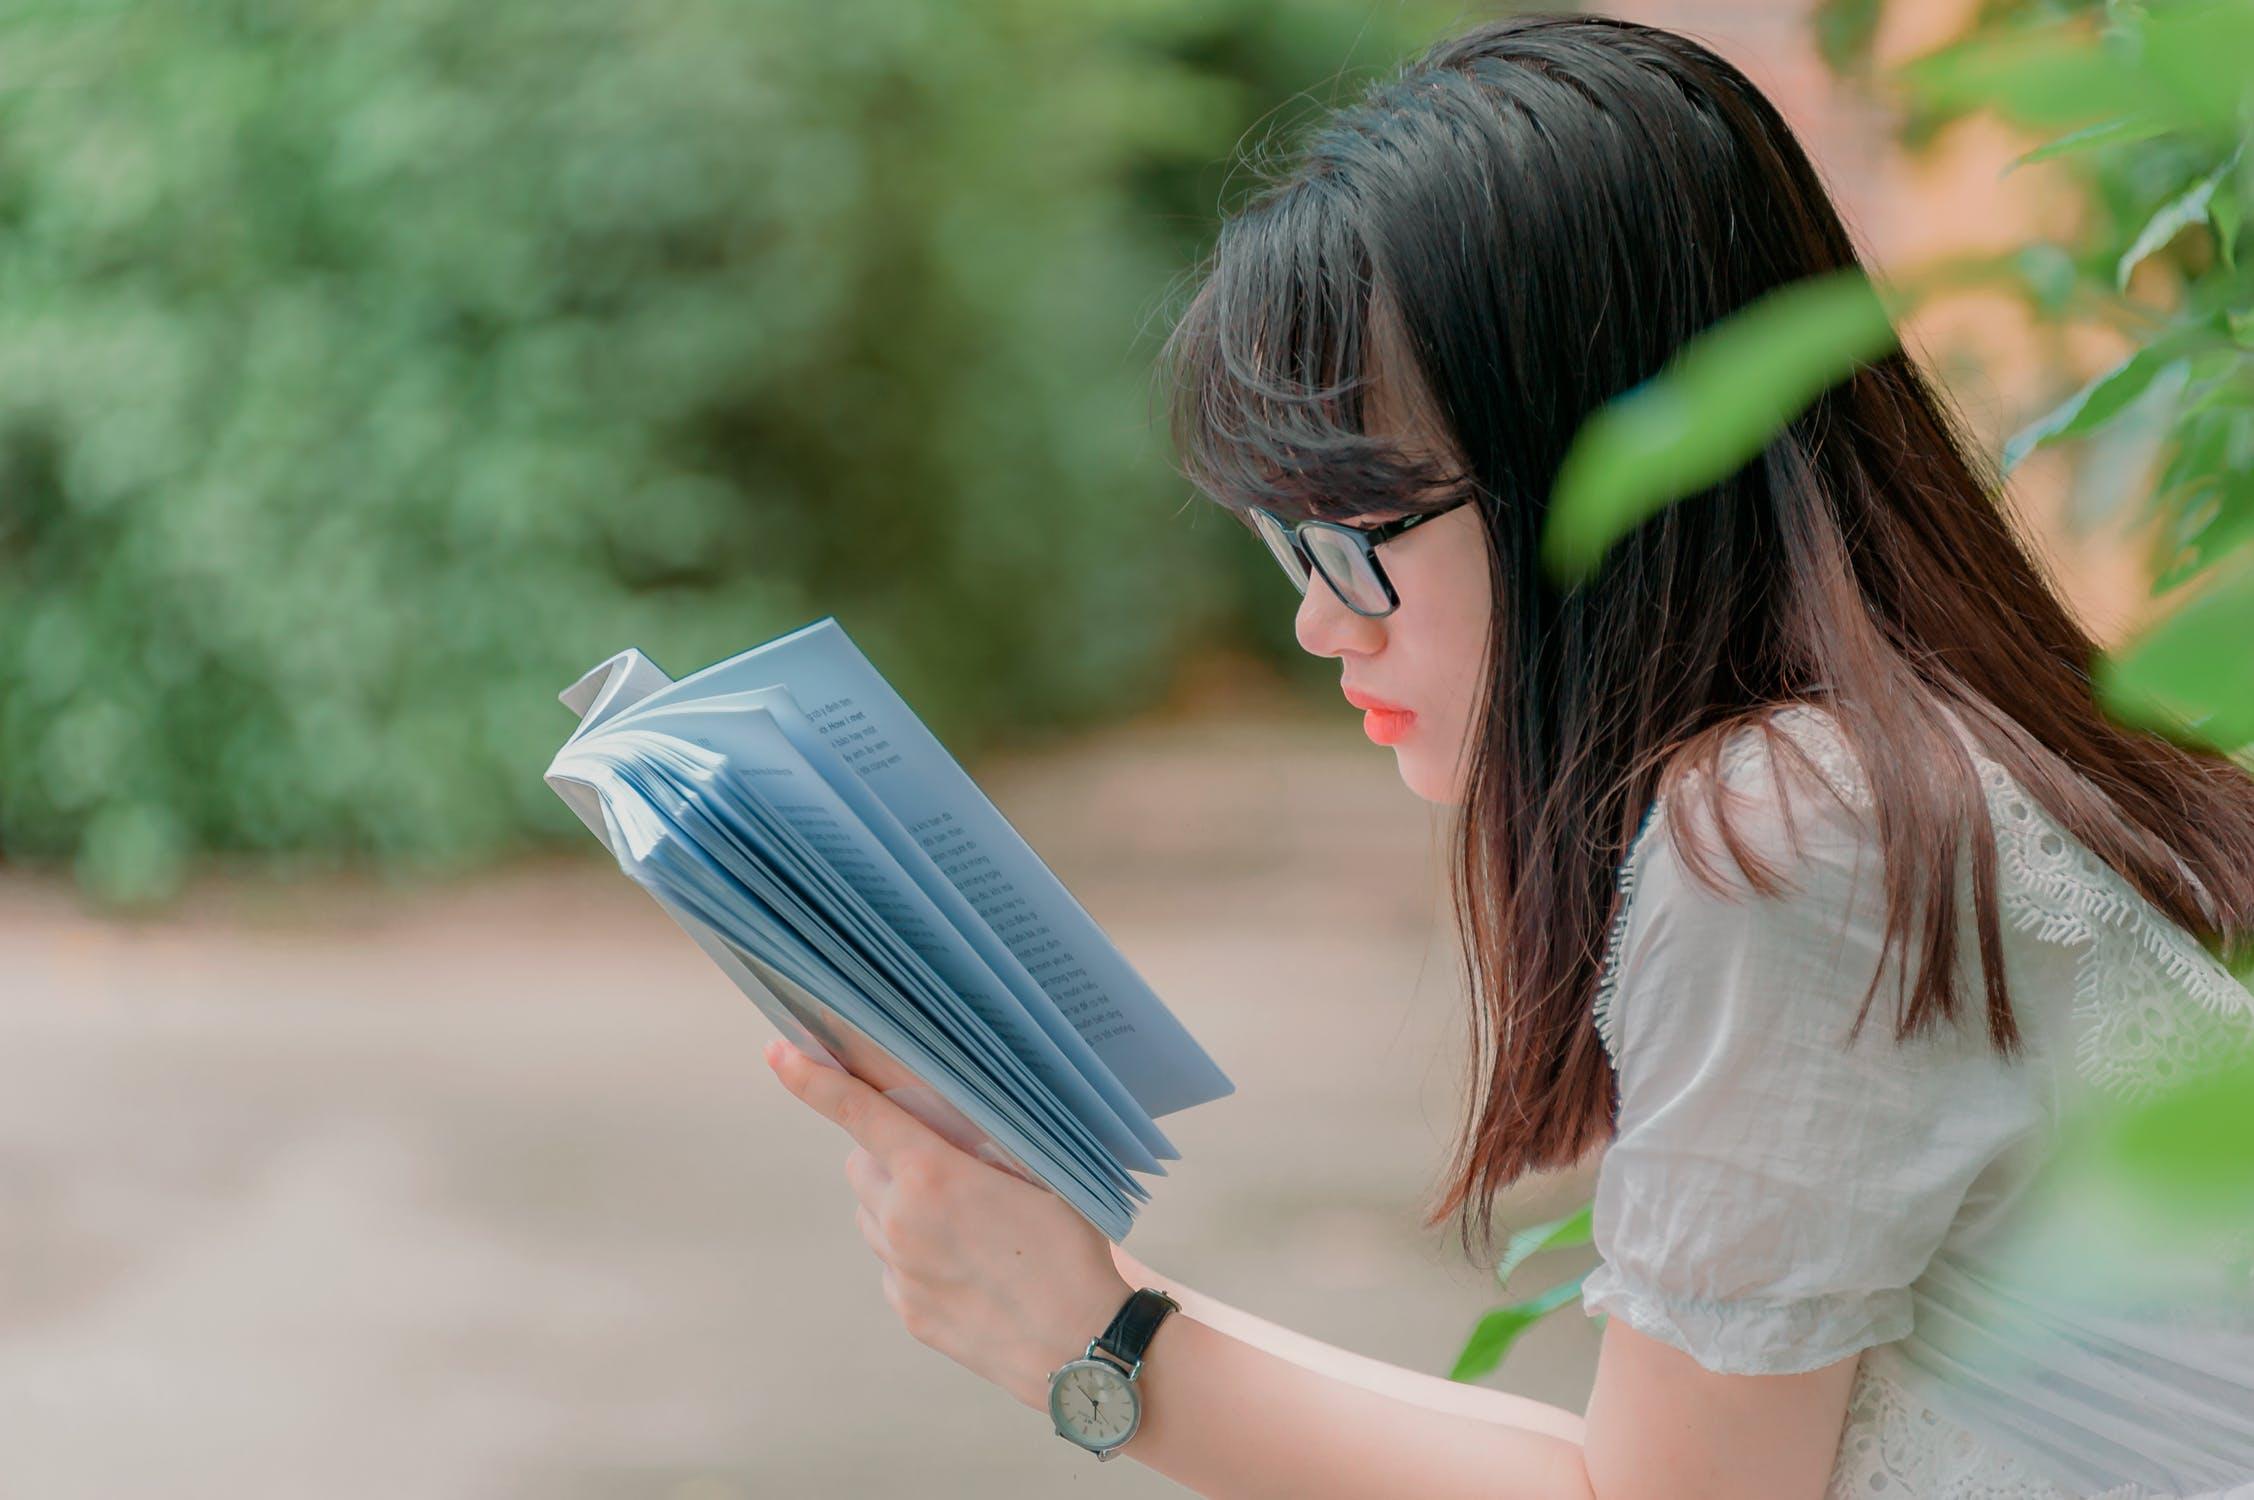 知識も経験も豊富!見聞が広い女性が好かれるワケ!